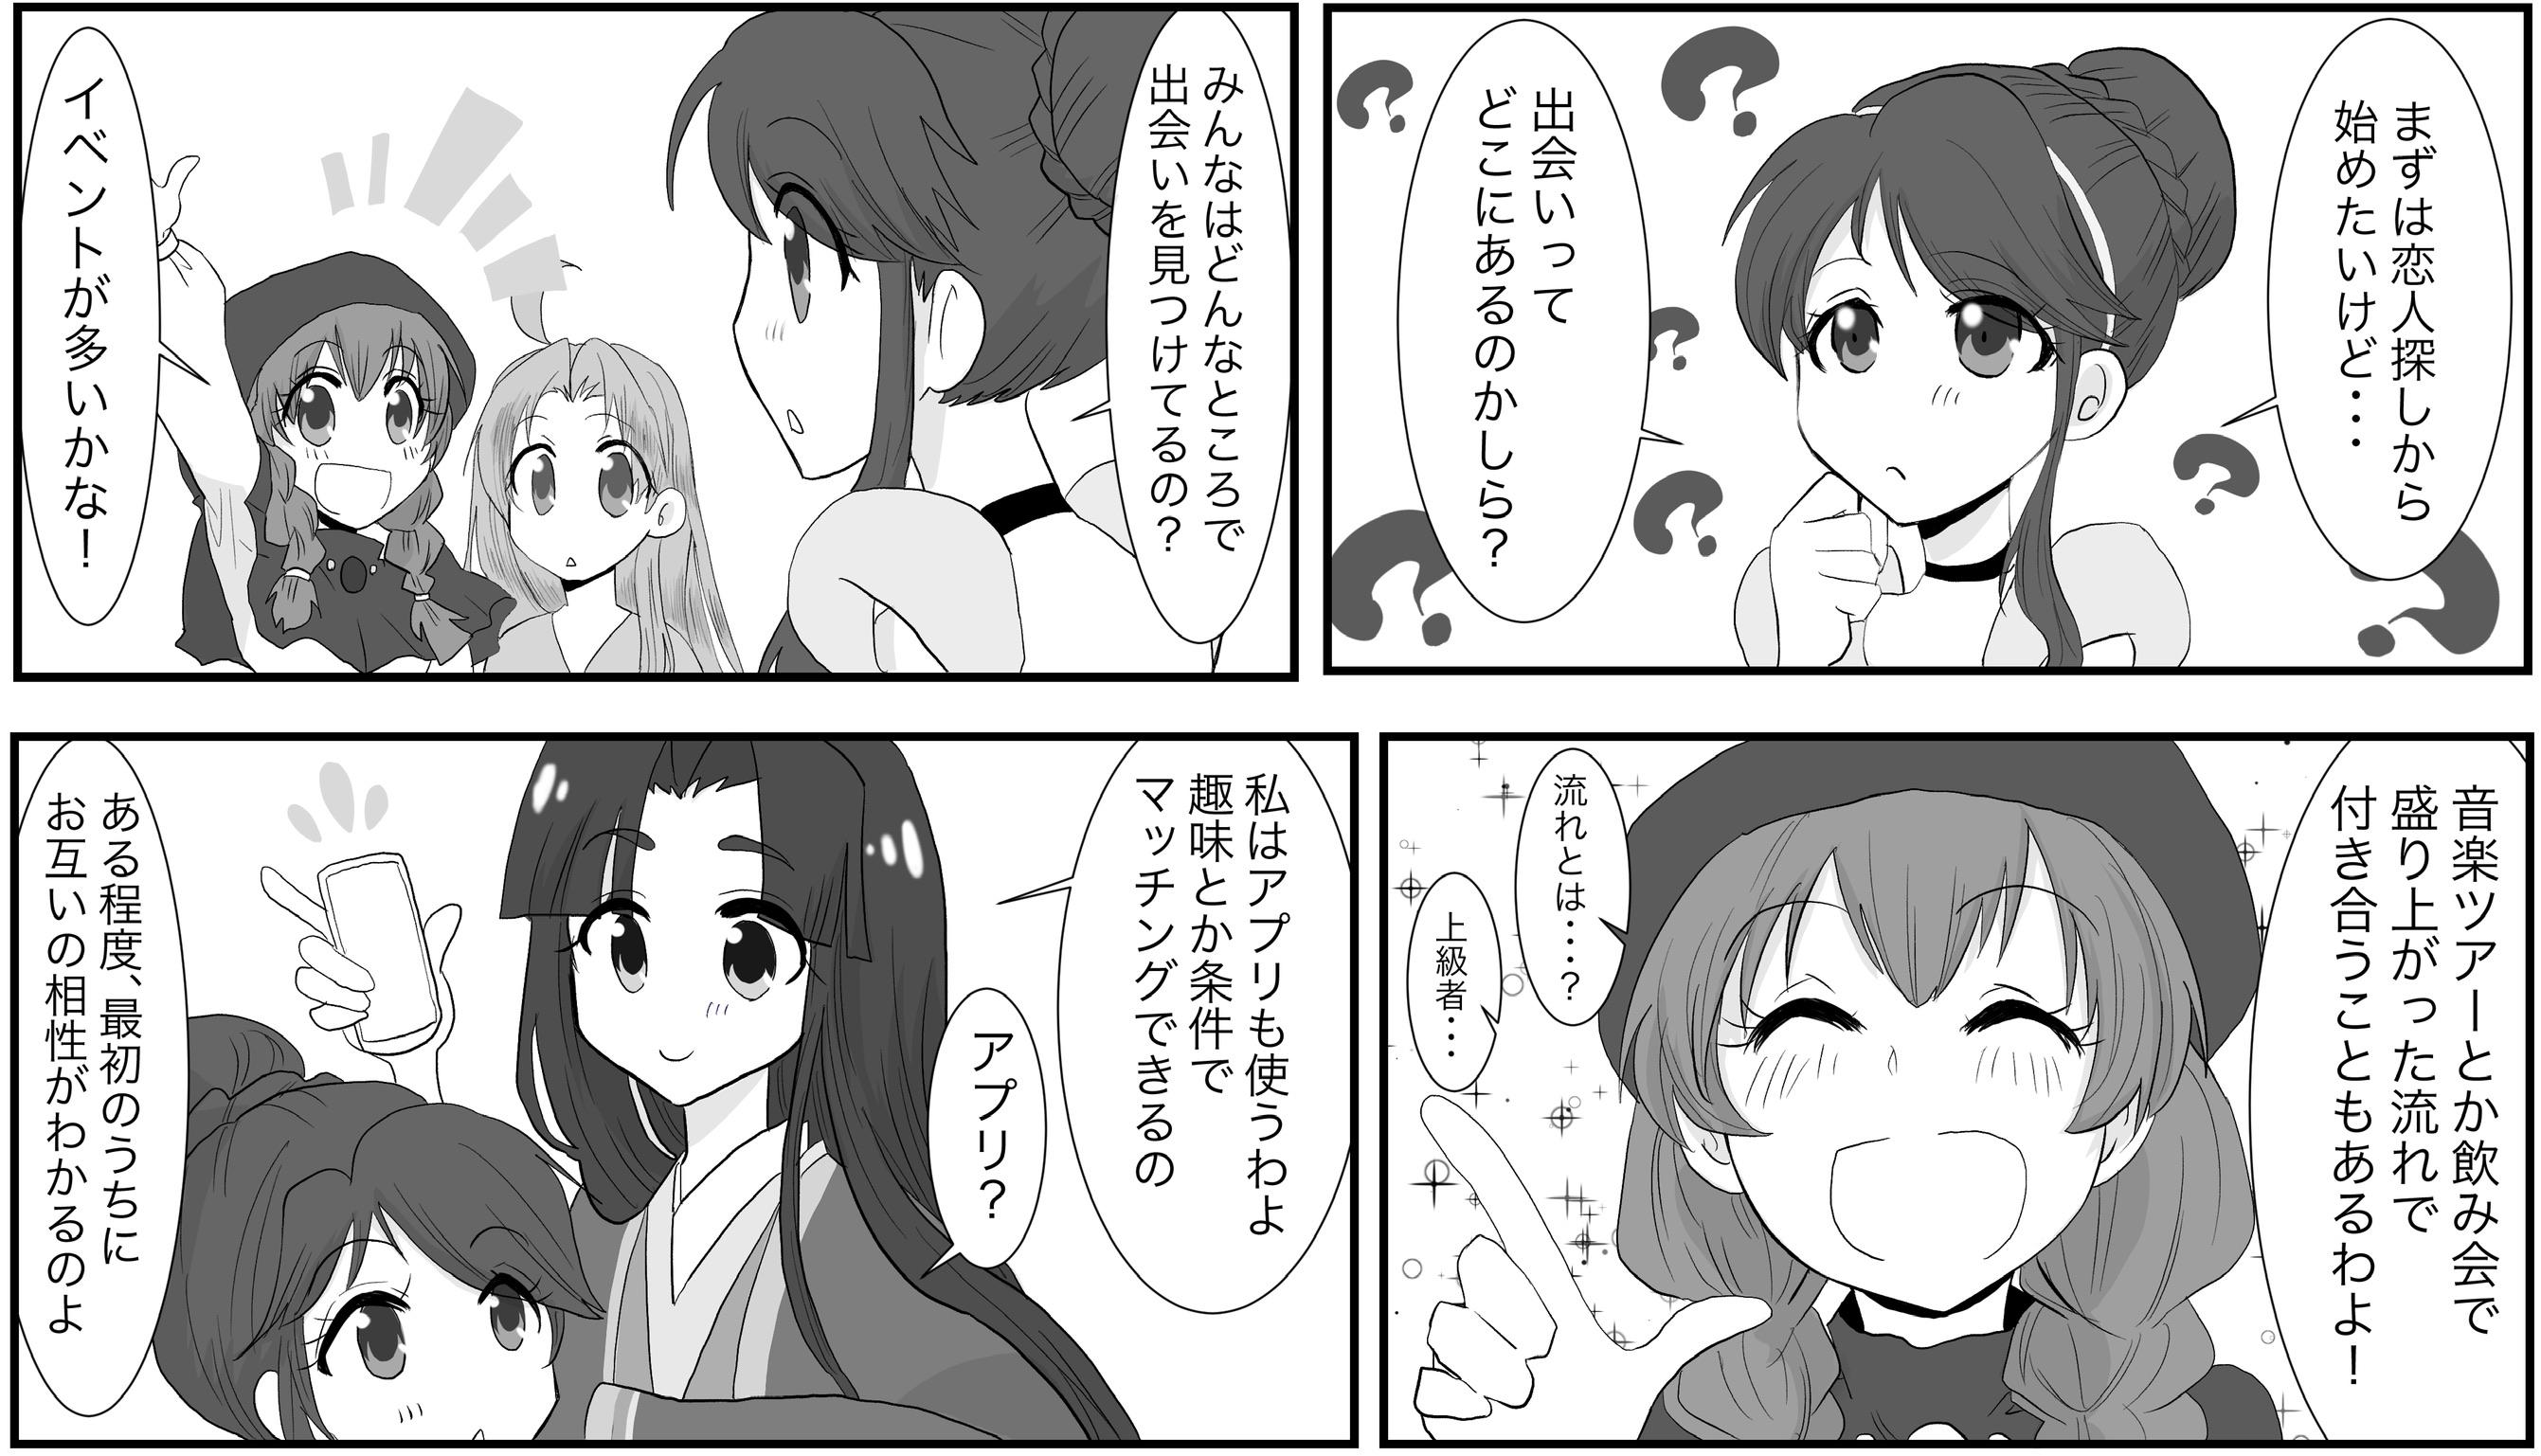 【婚活漫画】忙しくて出会いがないシンデレラ②